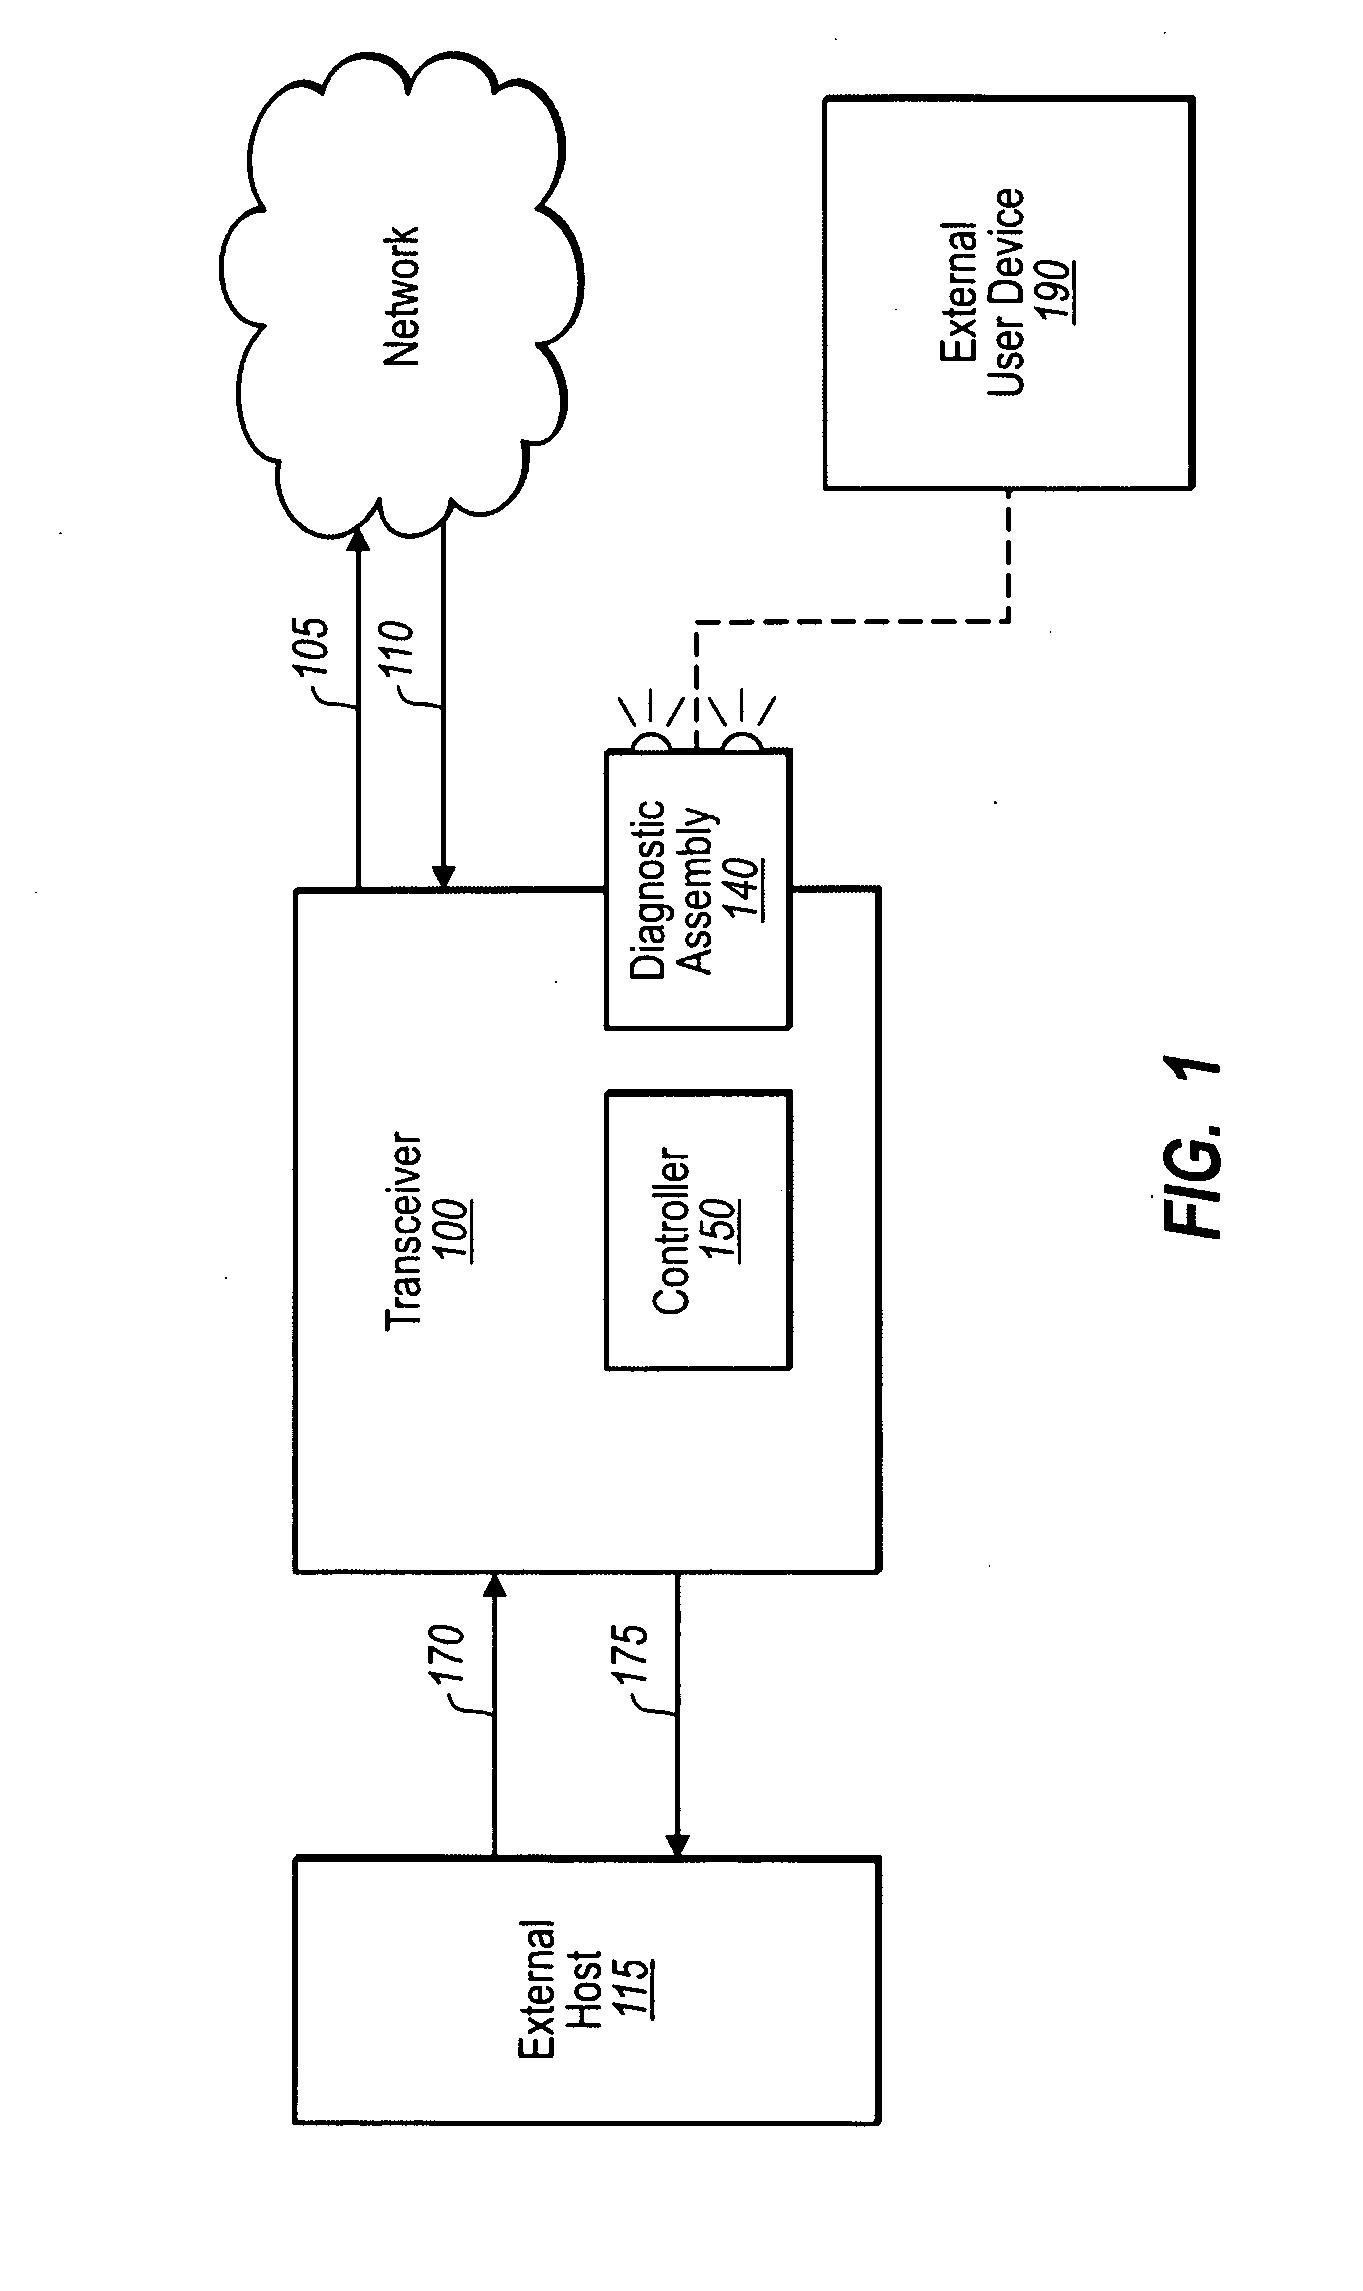 patent us20100054734